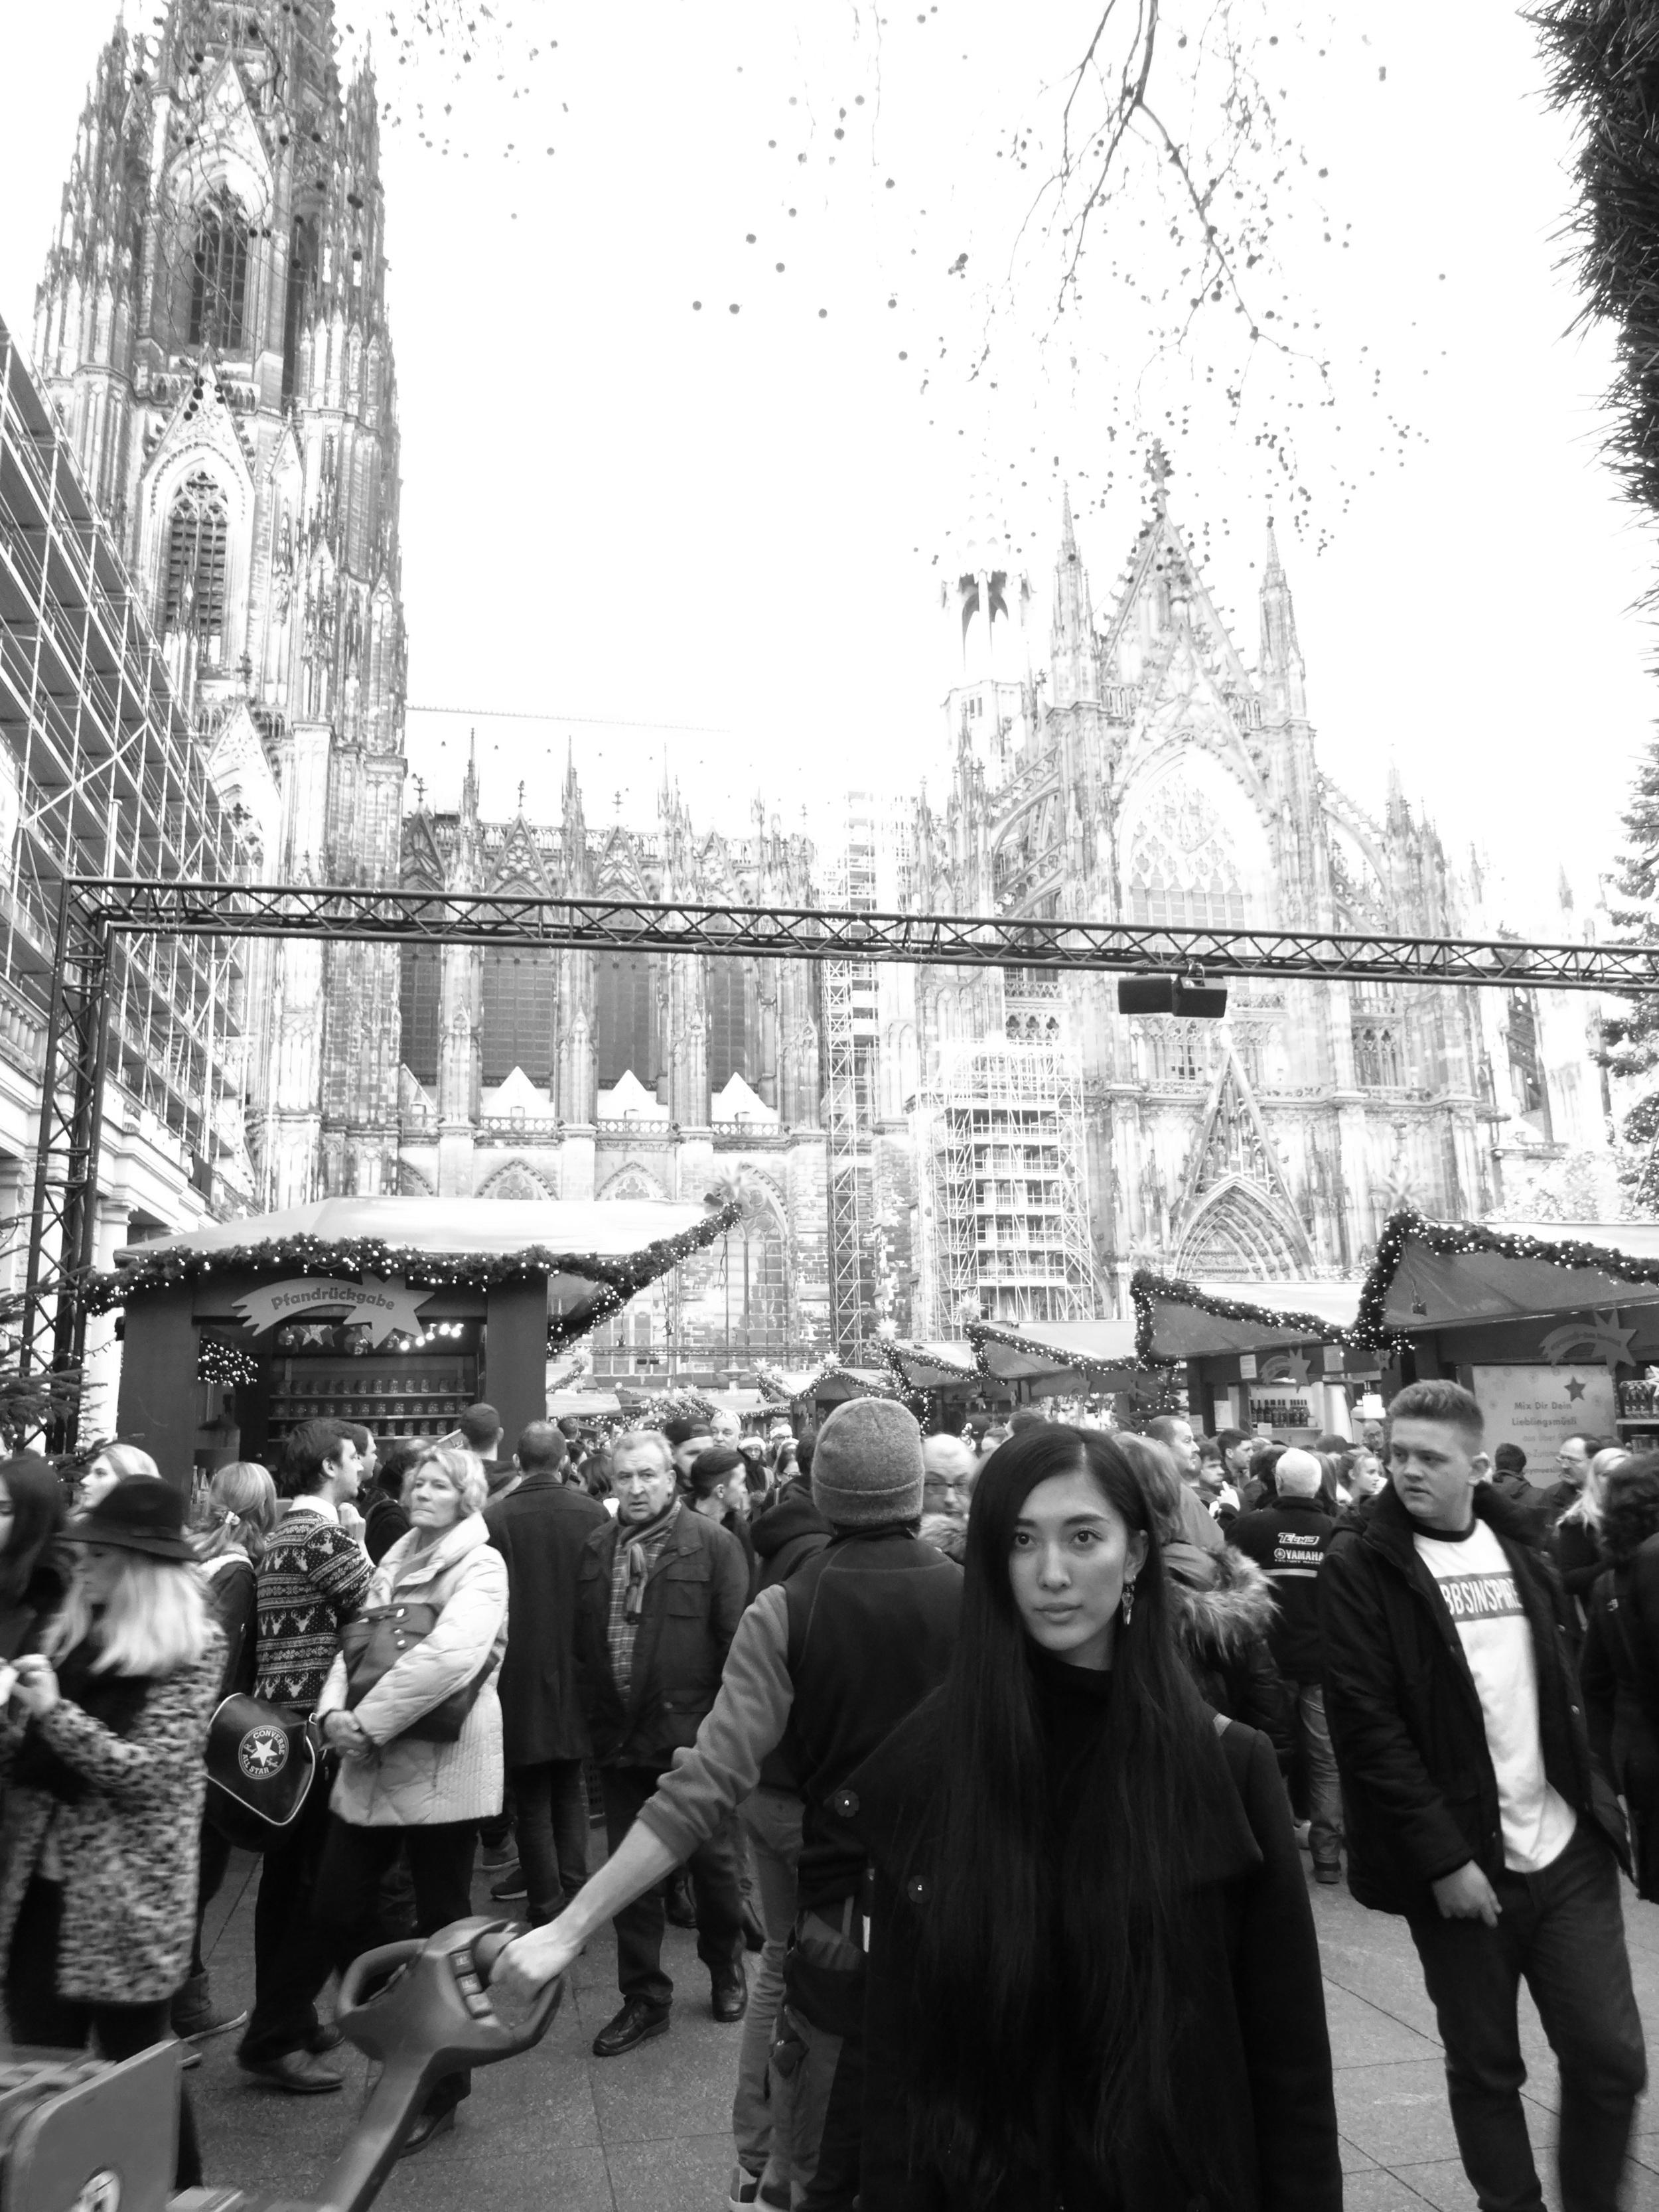 19.Dez.2015 : Vor dem Eingang vom Dom Weihnachtsmarkt